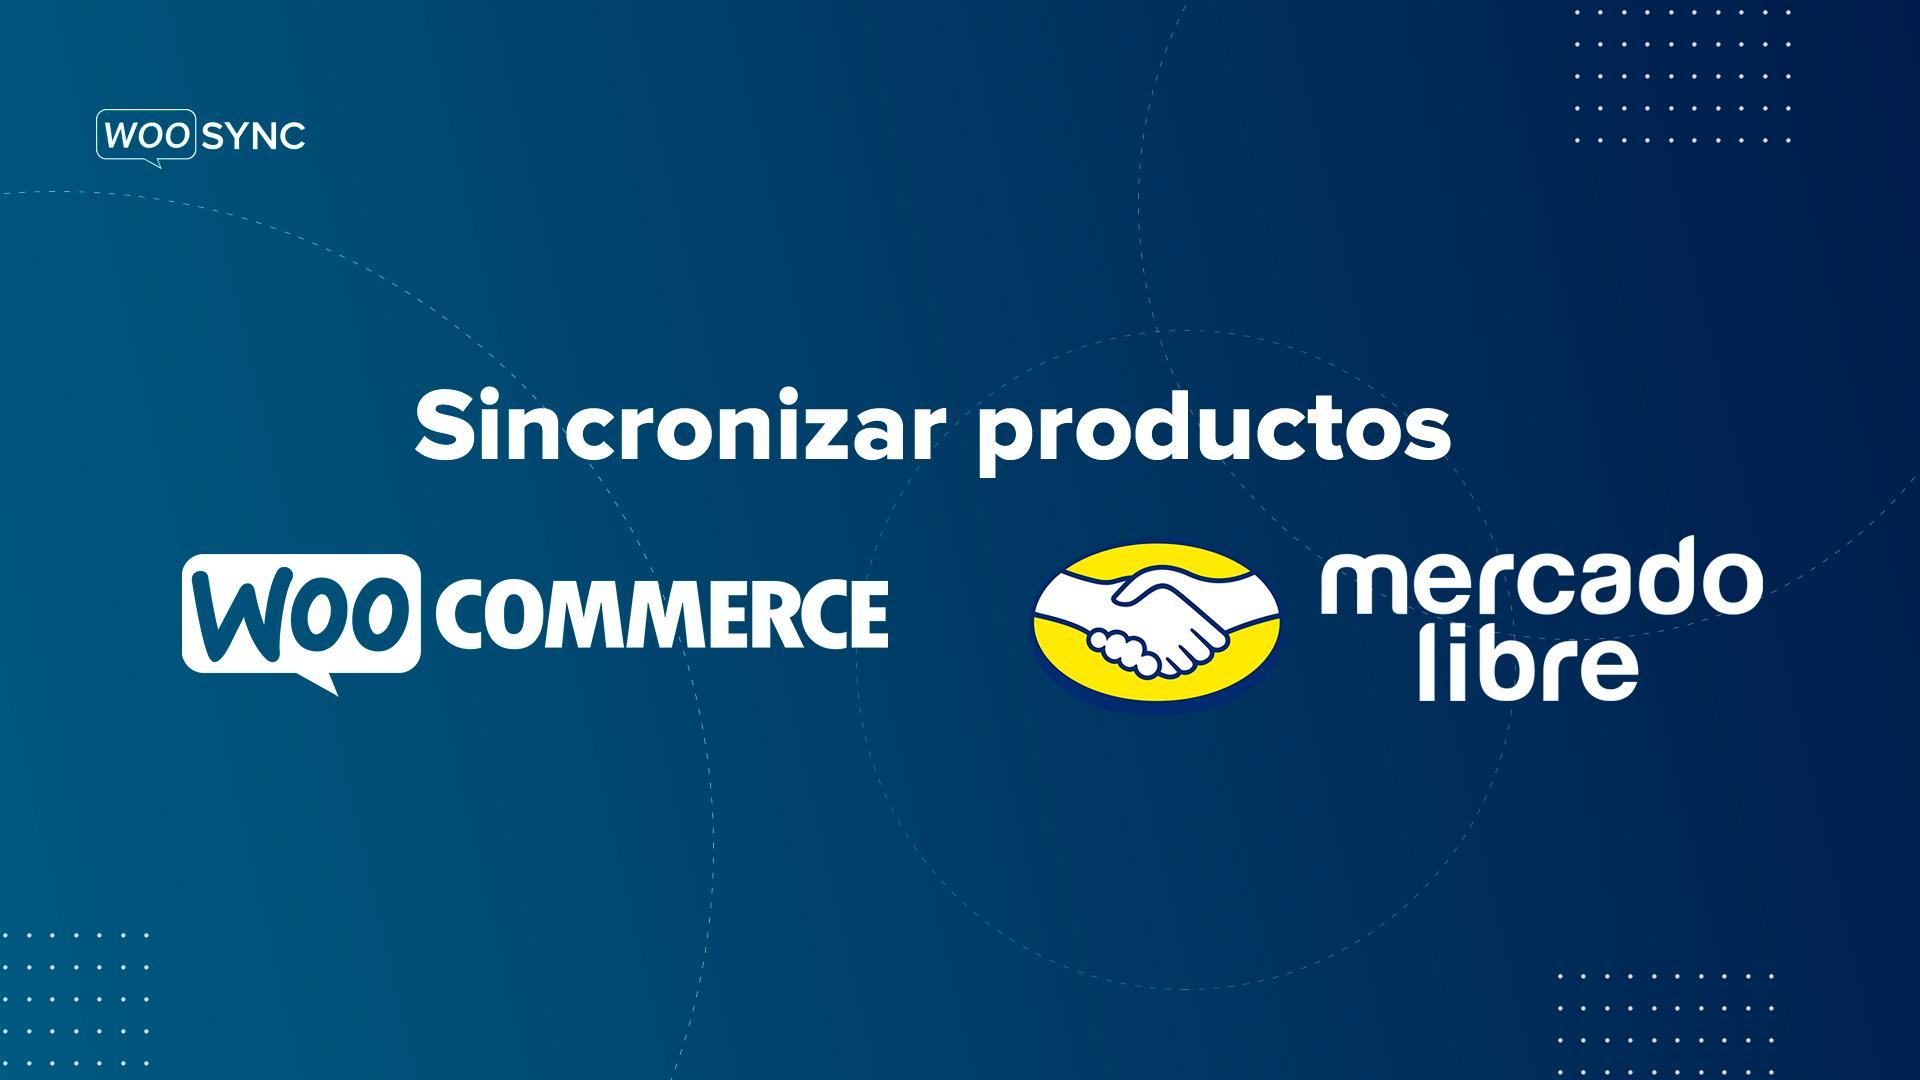 sincronizar-productos-woocommerce-con-mercadolibre-utilizando-woosync